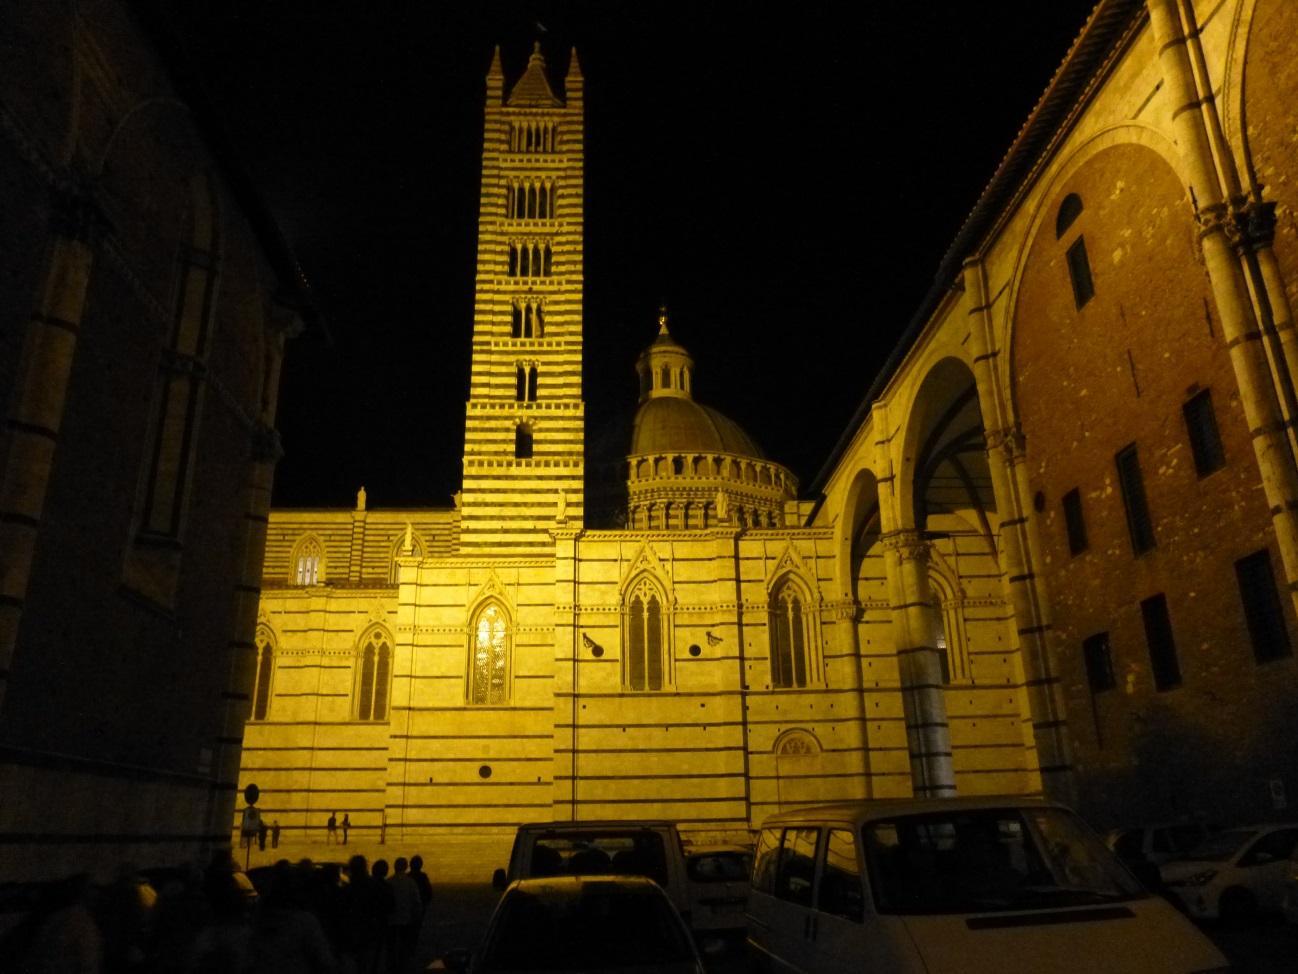 C:\Users\Gonzalo\Desktop\Documentos\Fotografías\La Toscana\102_PANA\P1020927.JPG